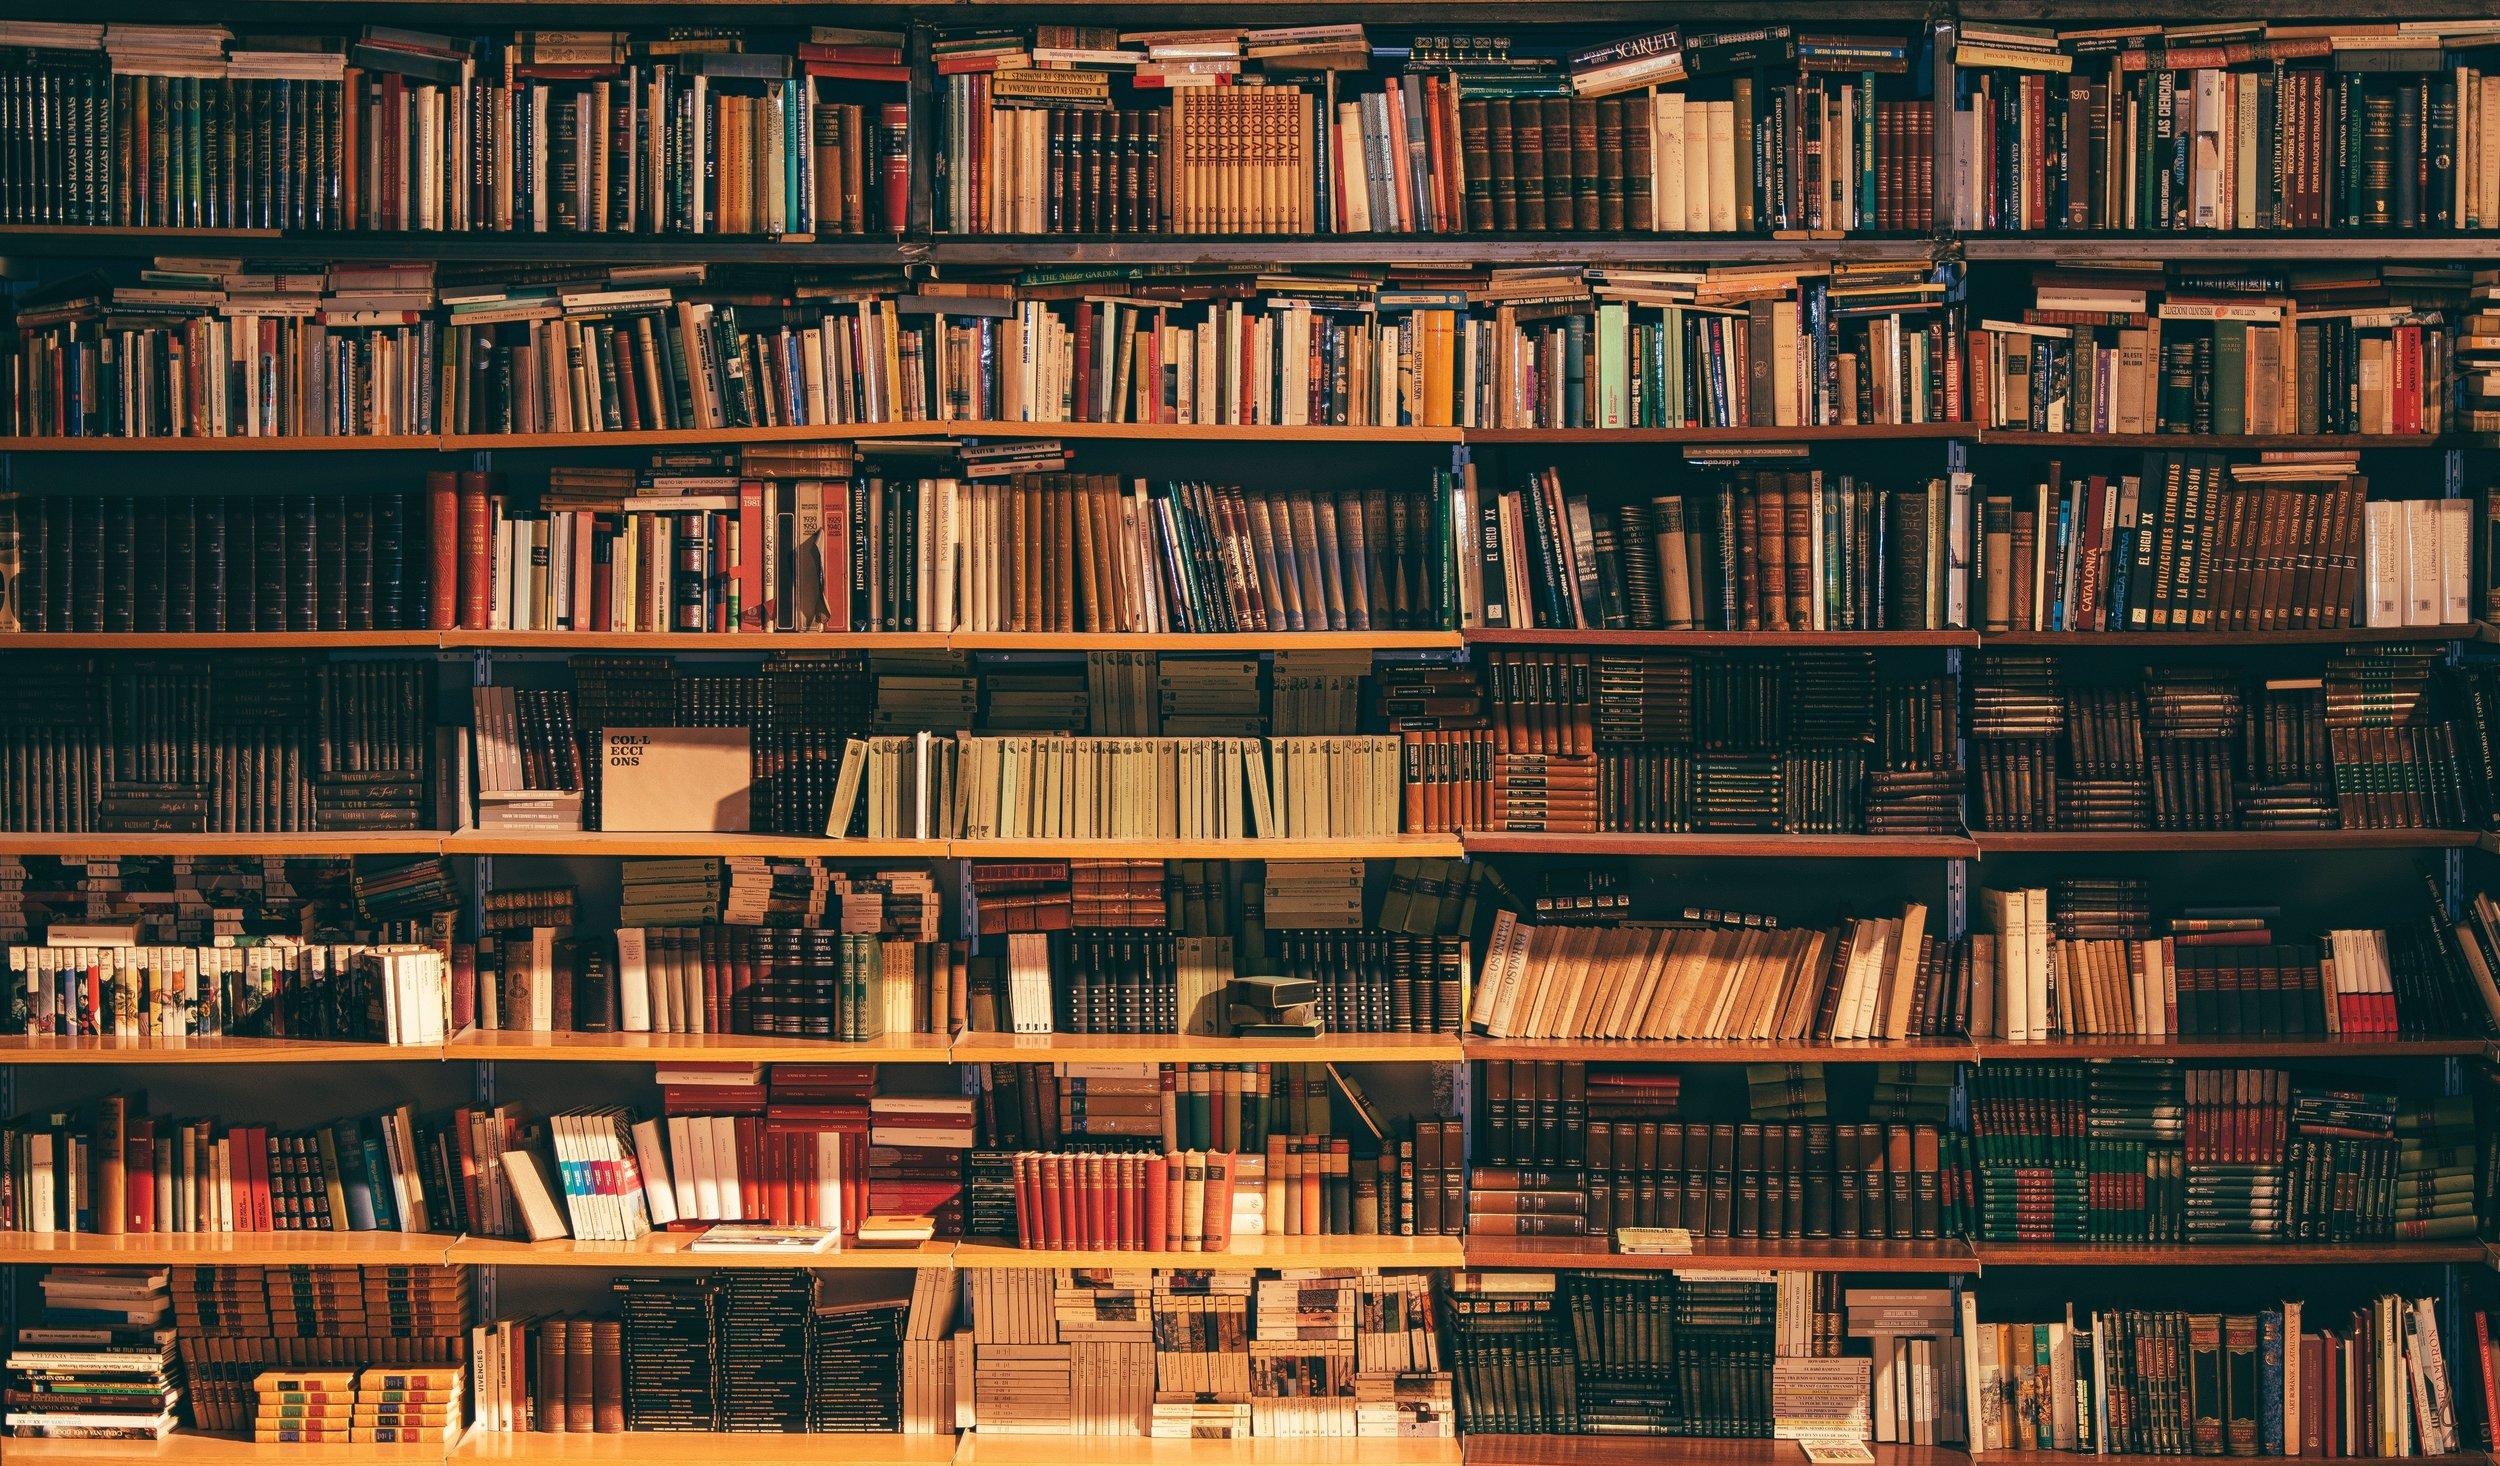 Book case full of books.jpg